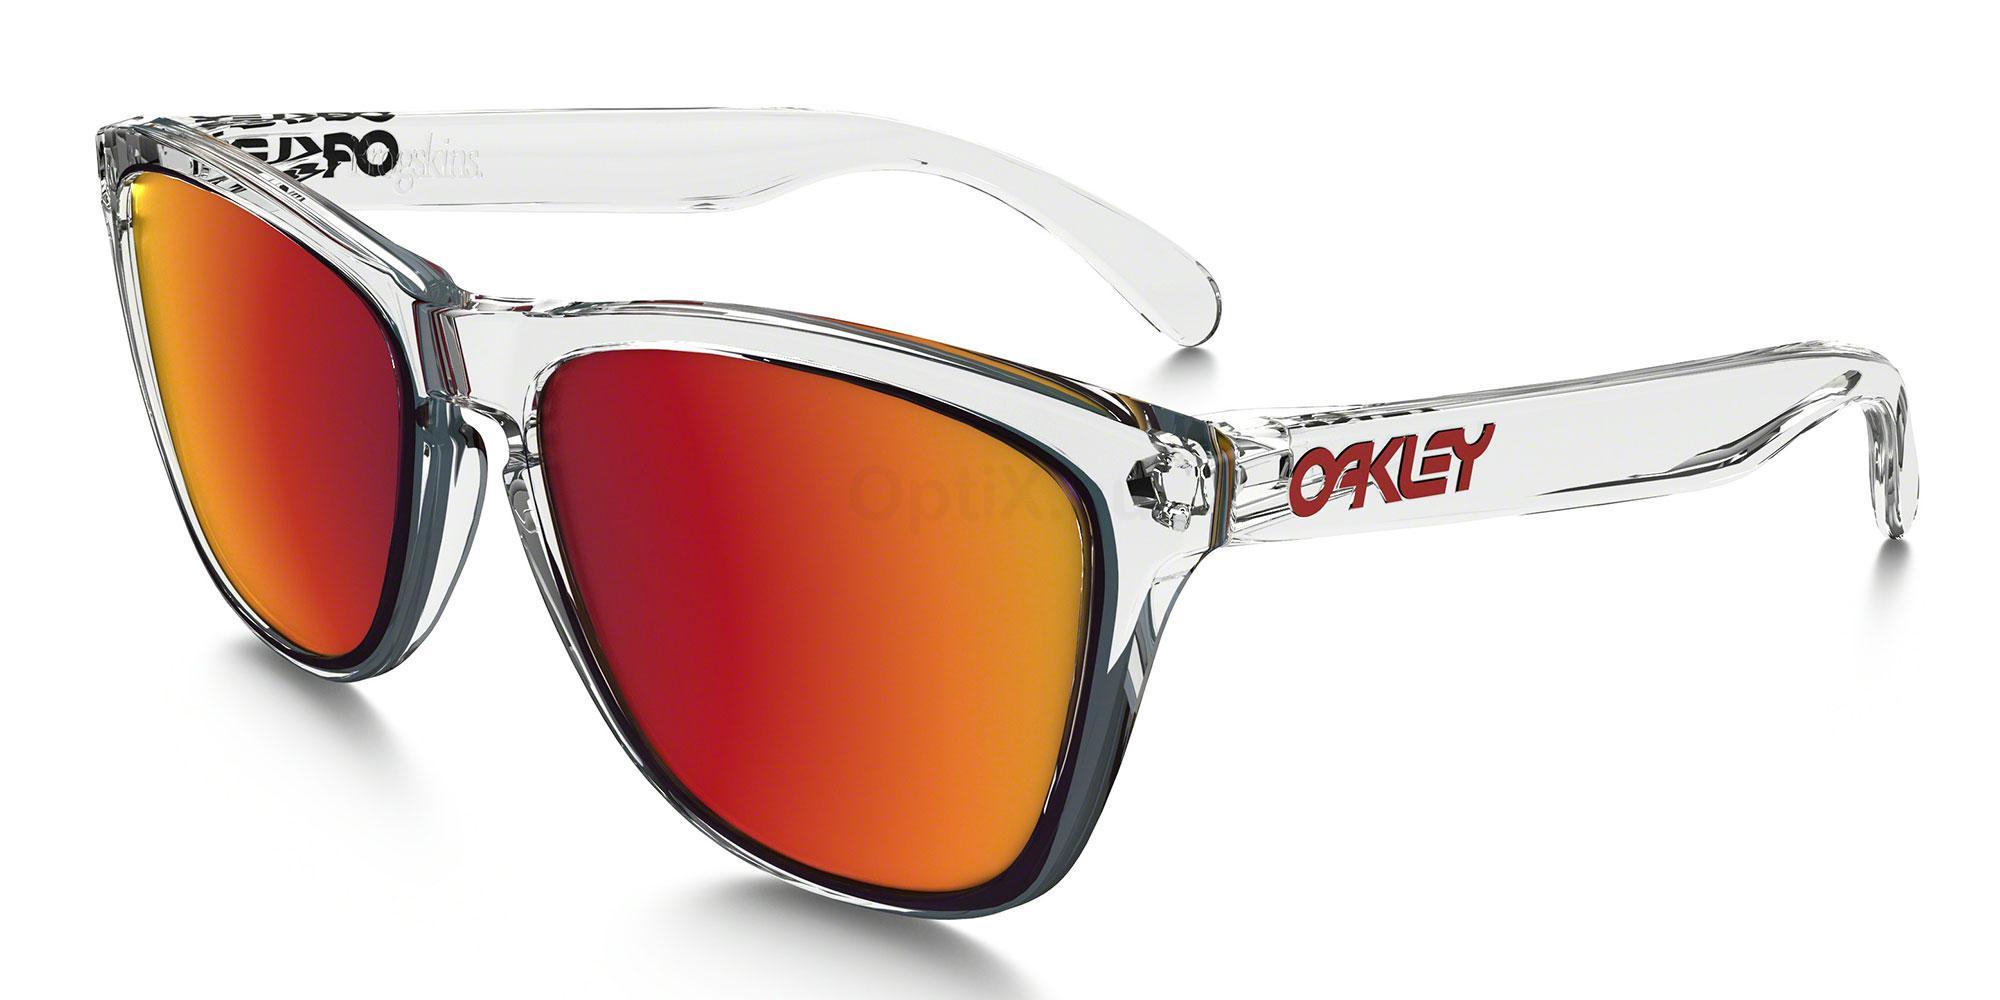 9013A5 OO9013 FROGSKINS Sunglasses, Oakley